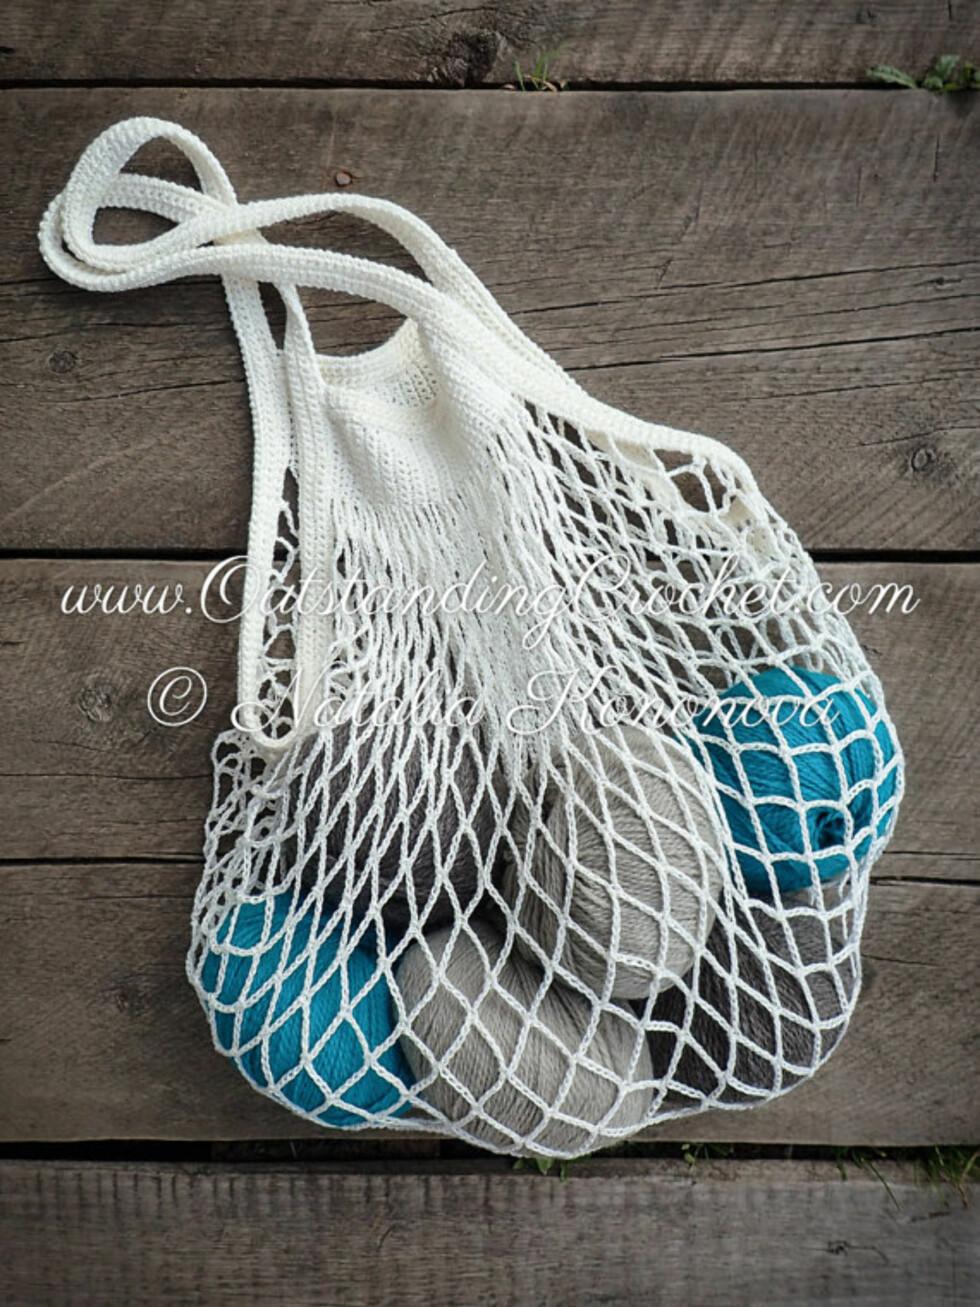 <strong>Nett-veske via Etsy | kr 54 | https:</strong>//www.etsy.com/no-en/listing/457054522/crochet-market-bag-pattern-grocery?ref=hp_rv